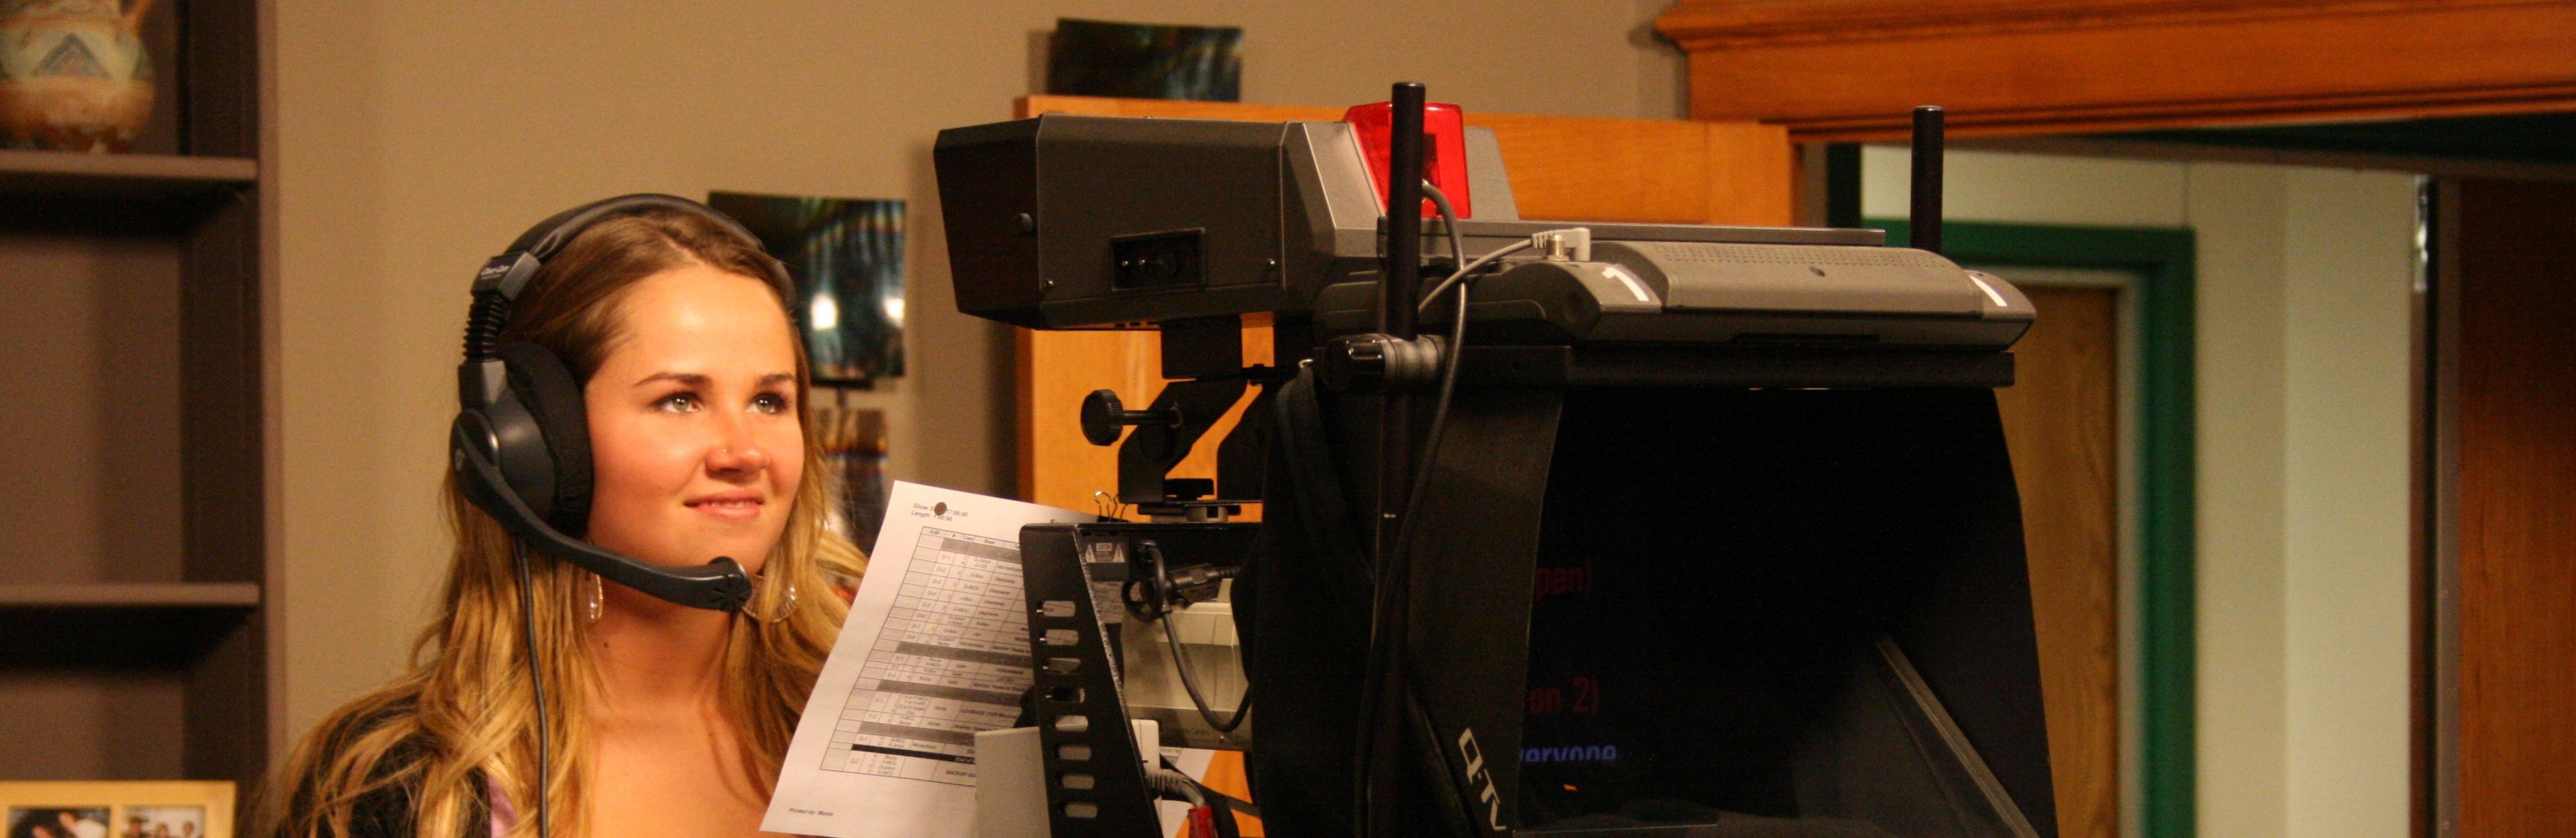 Haugesag-works-in-the-studio-as-a-camera-operator.jpg